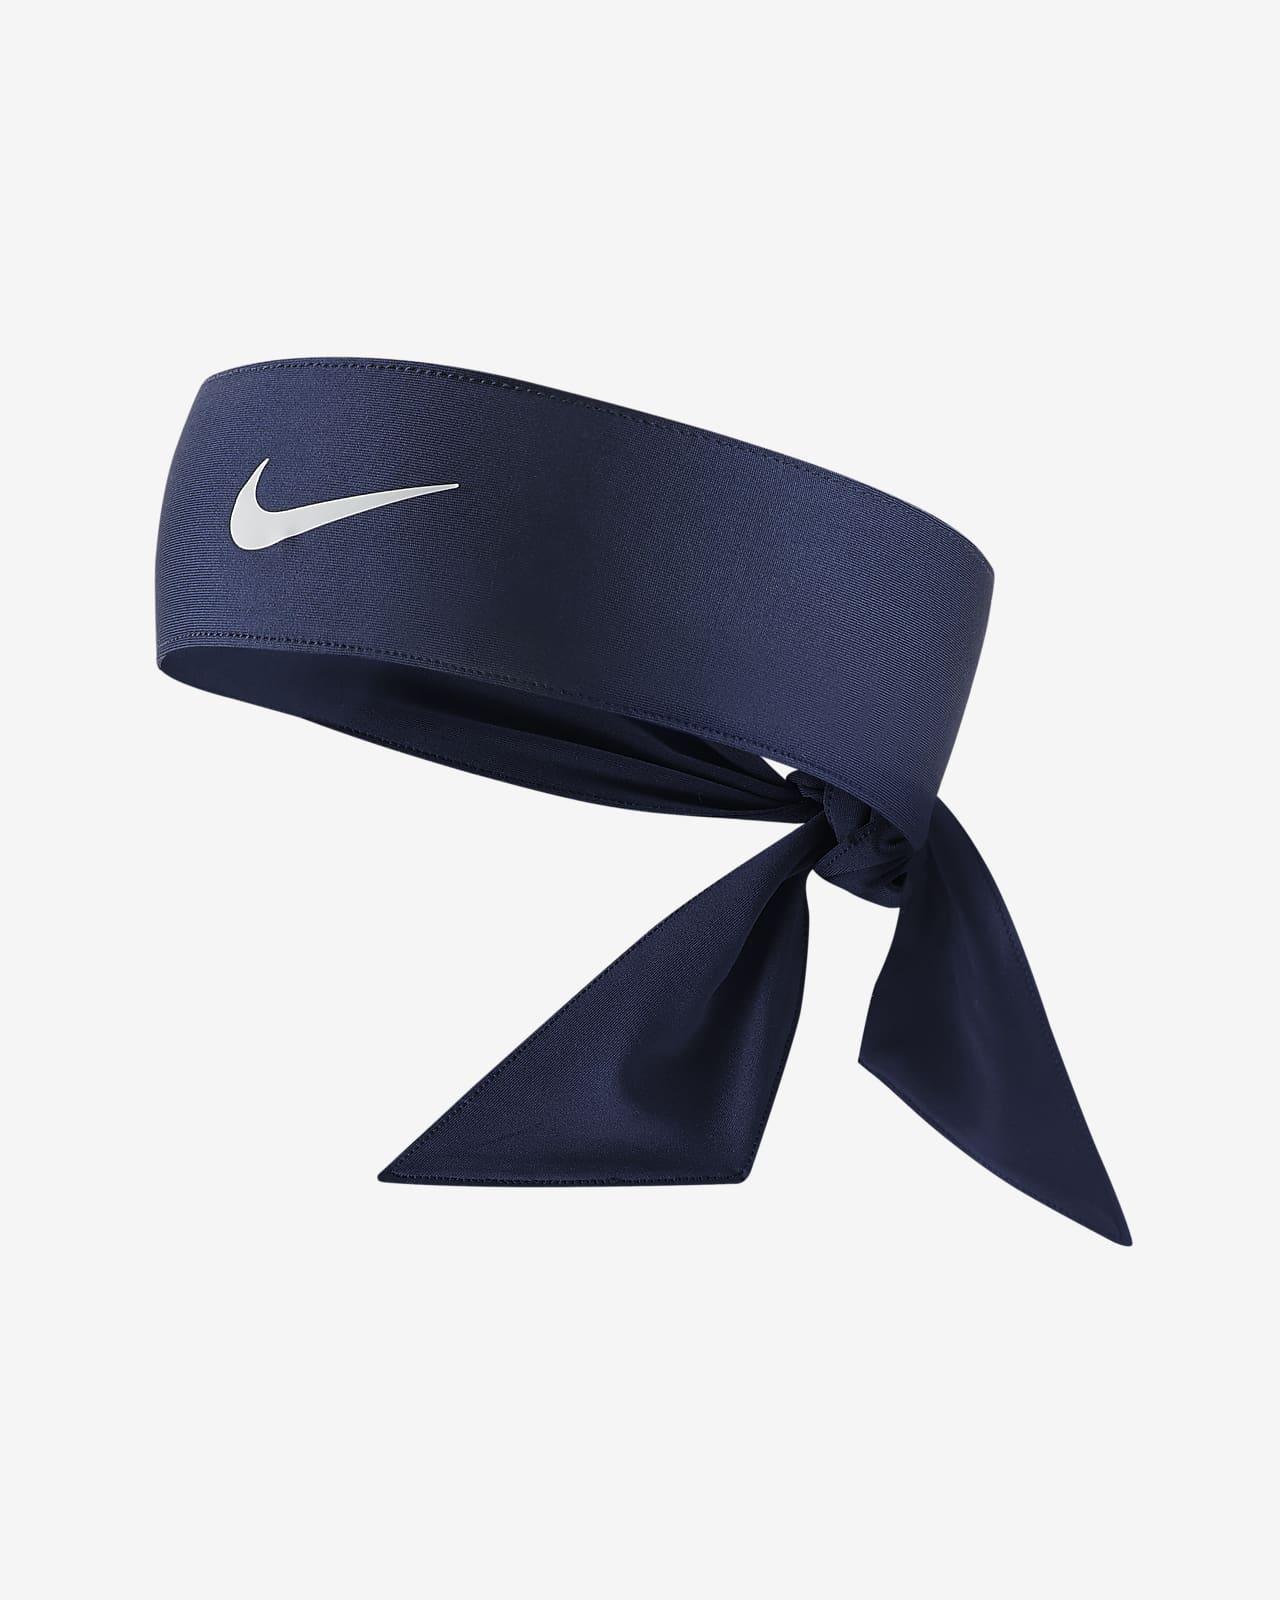 pago Algún día Moviente  Cinta para el pelo Nike Dri-FIT 3.0. Nike.com